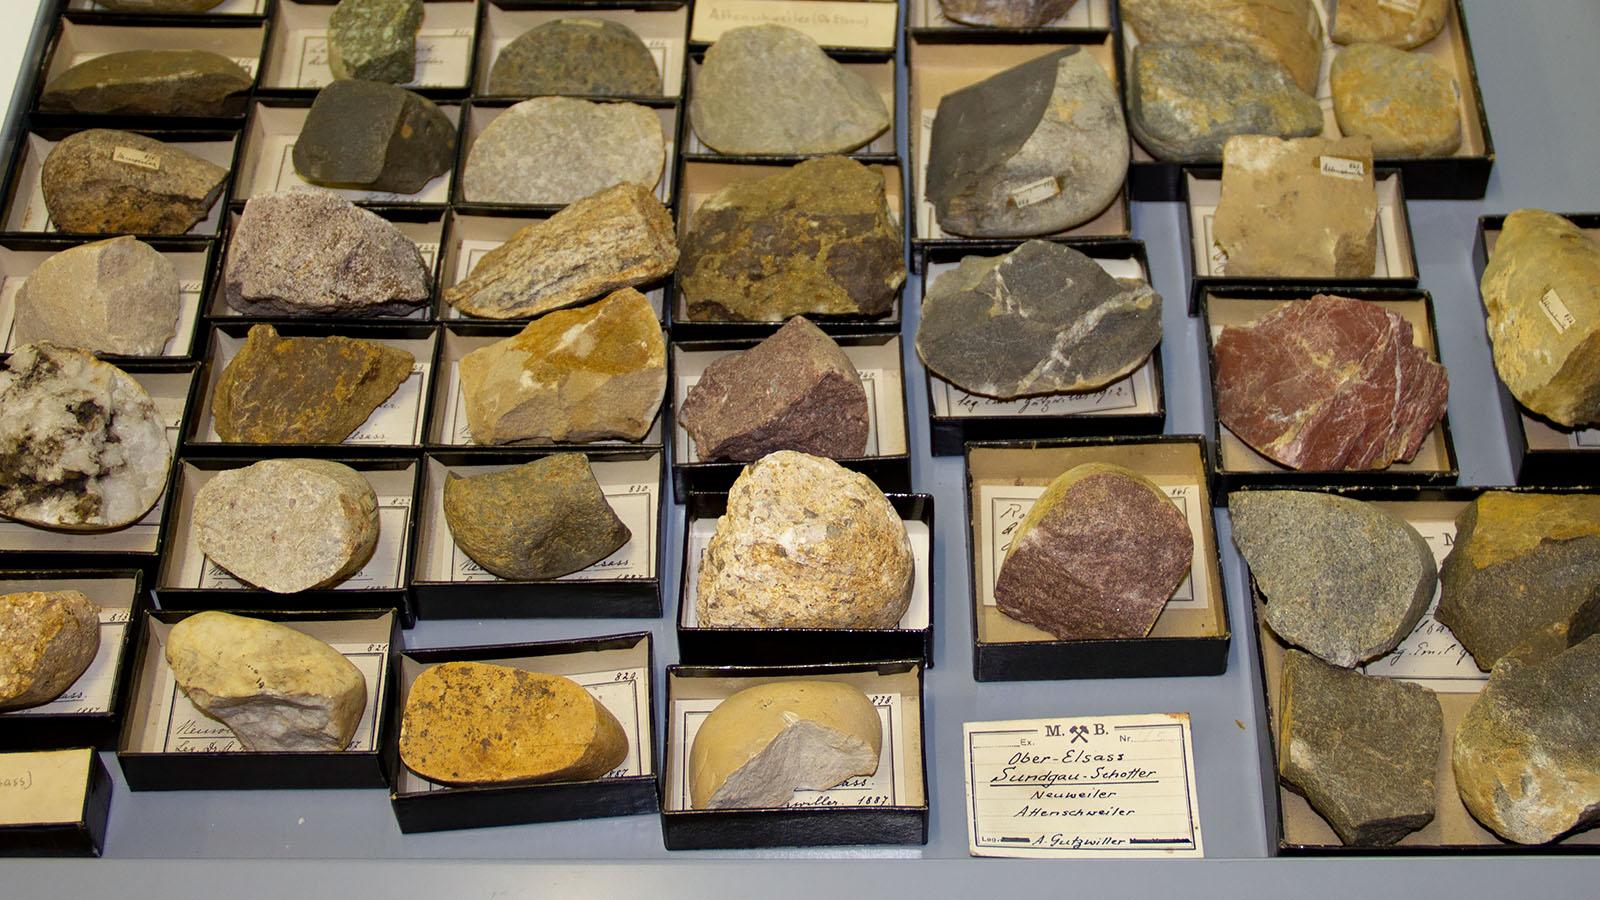 """Urzeitliche Flusskiesel aus dem Aare-Doubs, die vor 3 - 4 Millionen Jahren im Sundgau abgelagert wurden. Die abgebildeten """"Sundgauschotter"""" gehören zur Sammlung des naturhistorischen Museums Basel"""